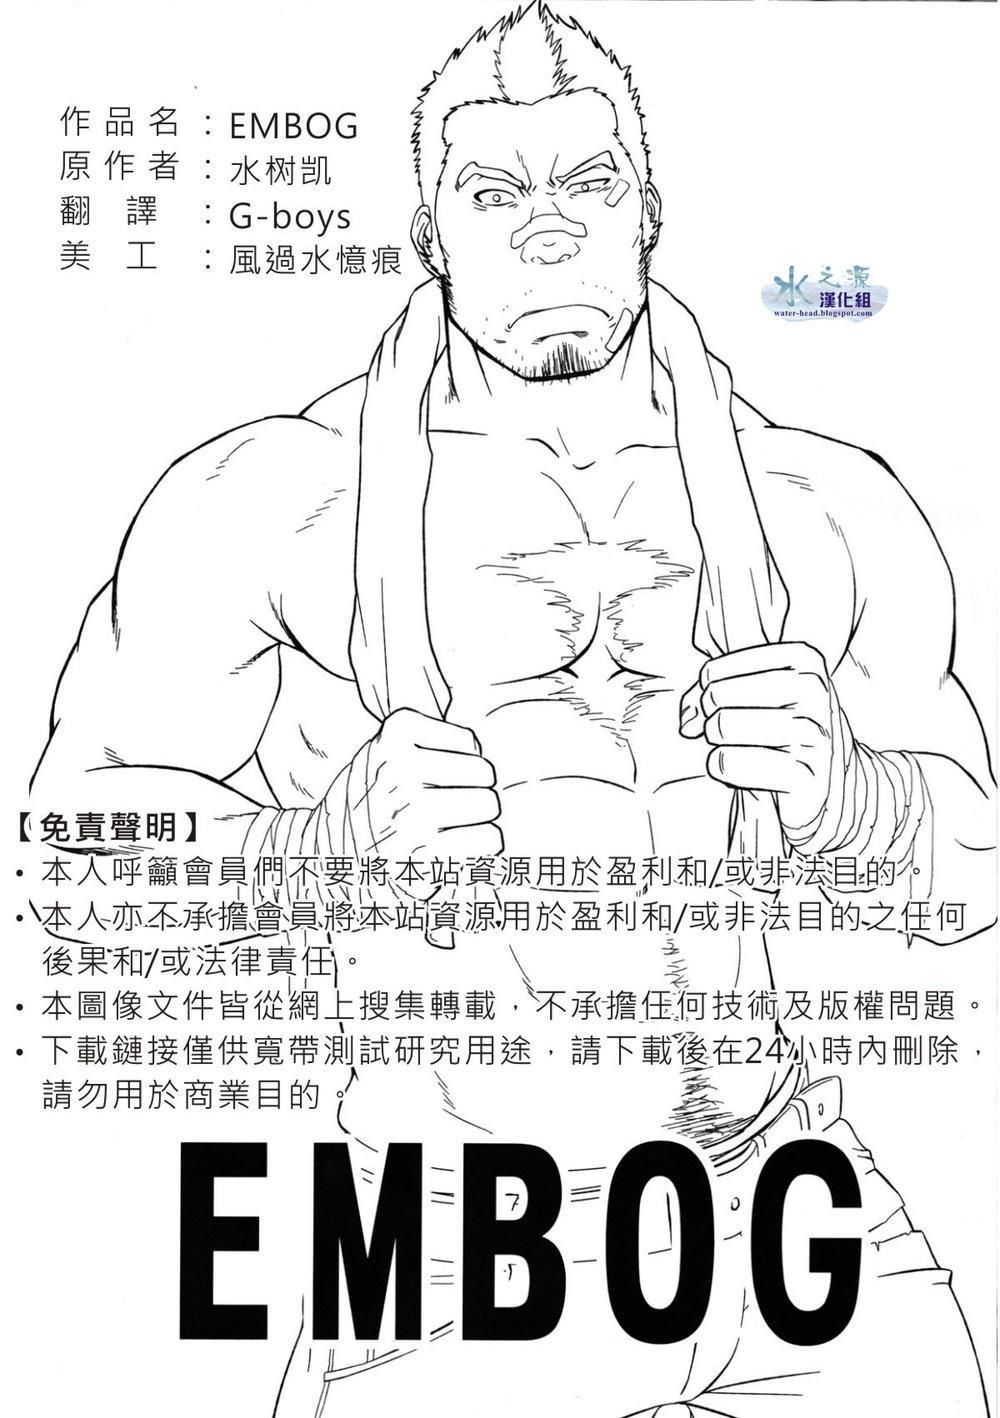 EMBOG 1